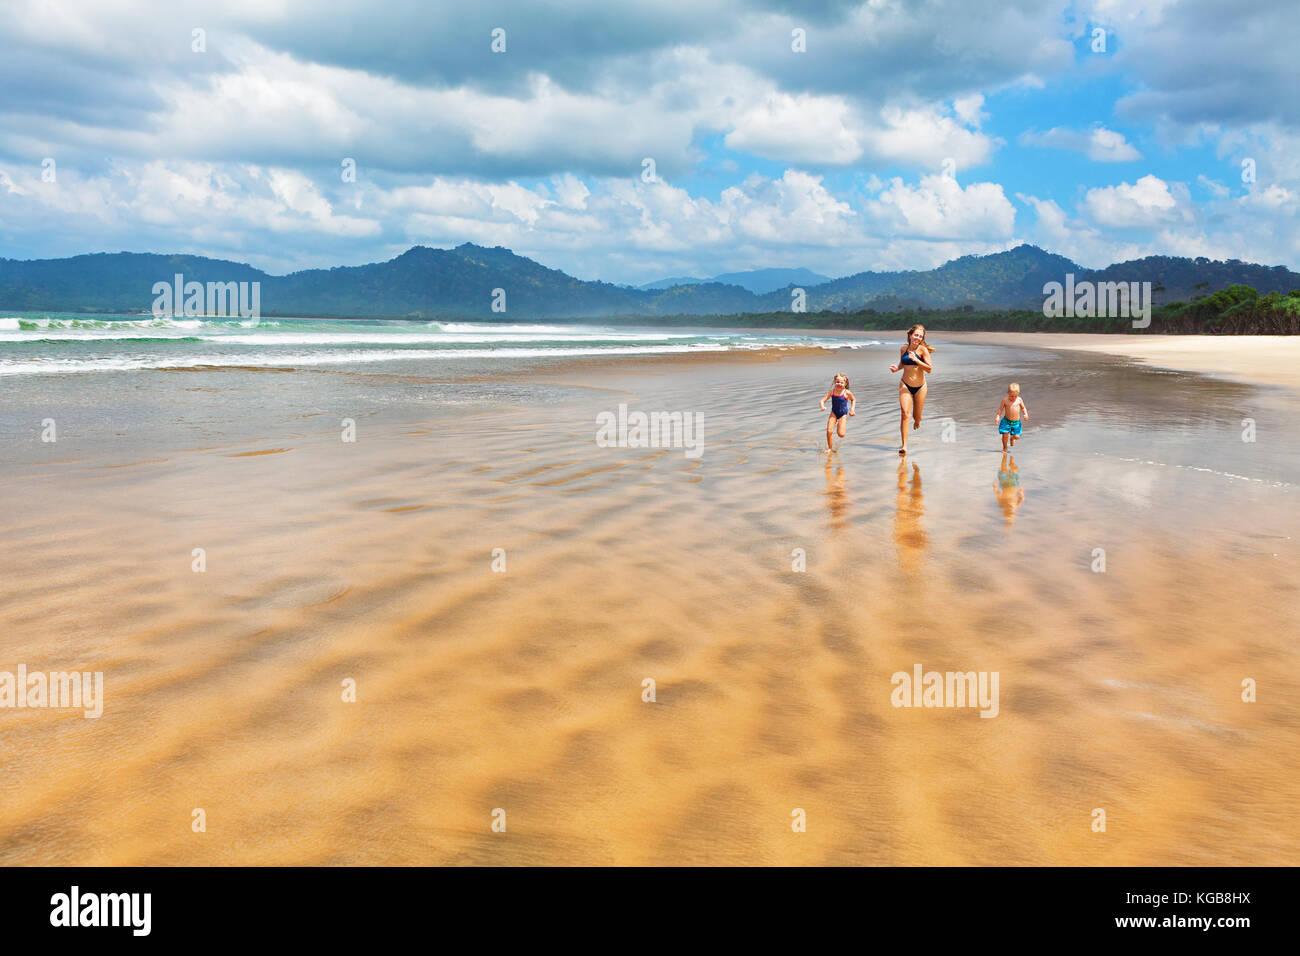 Glückliche Familie - Mutter, die Kinder Spaß haben, laufen durch Wasser Schwimmbad am Meer surfen am Sandstrand. Stockbild